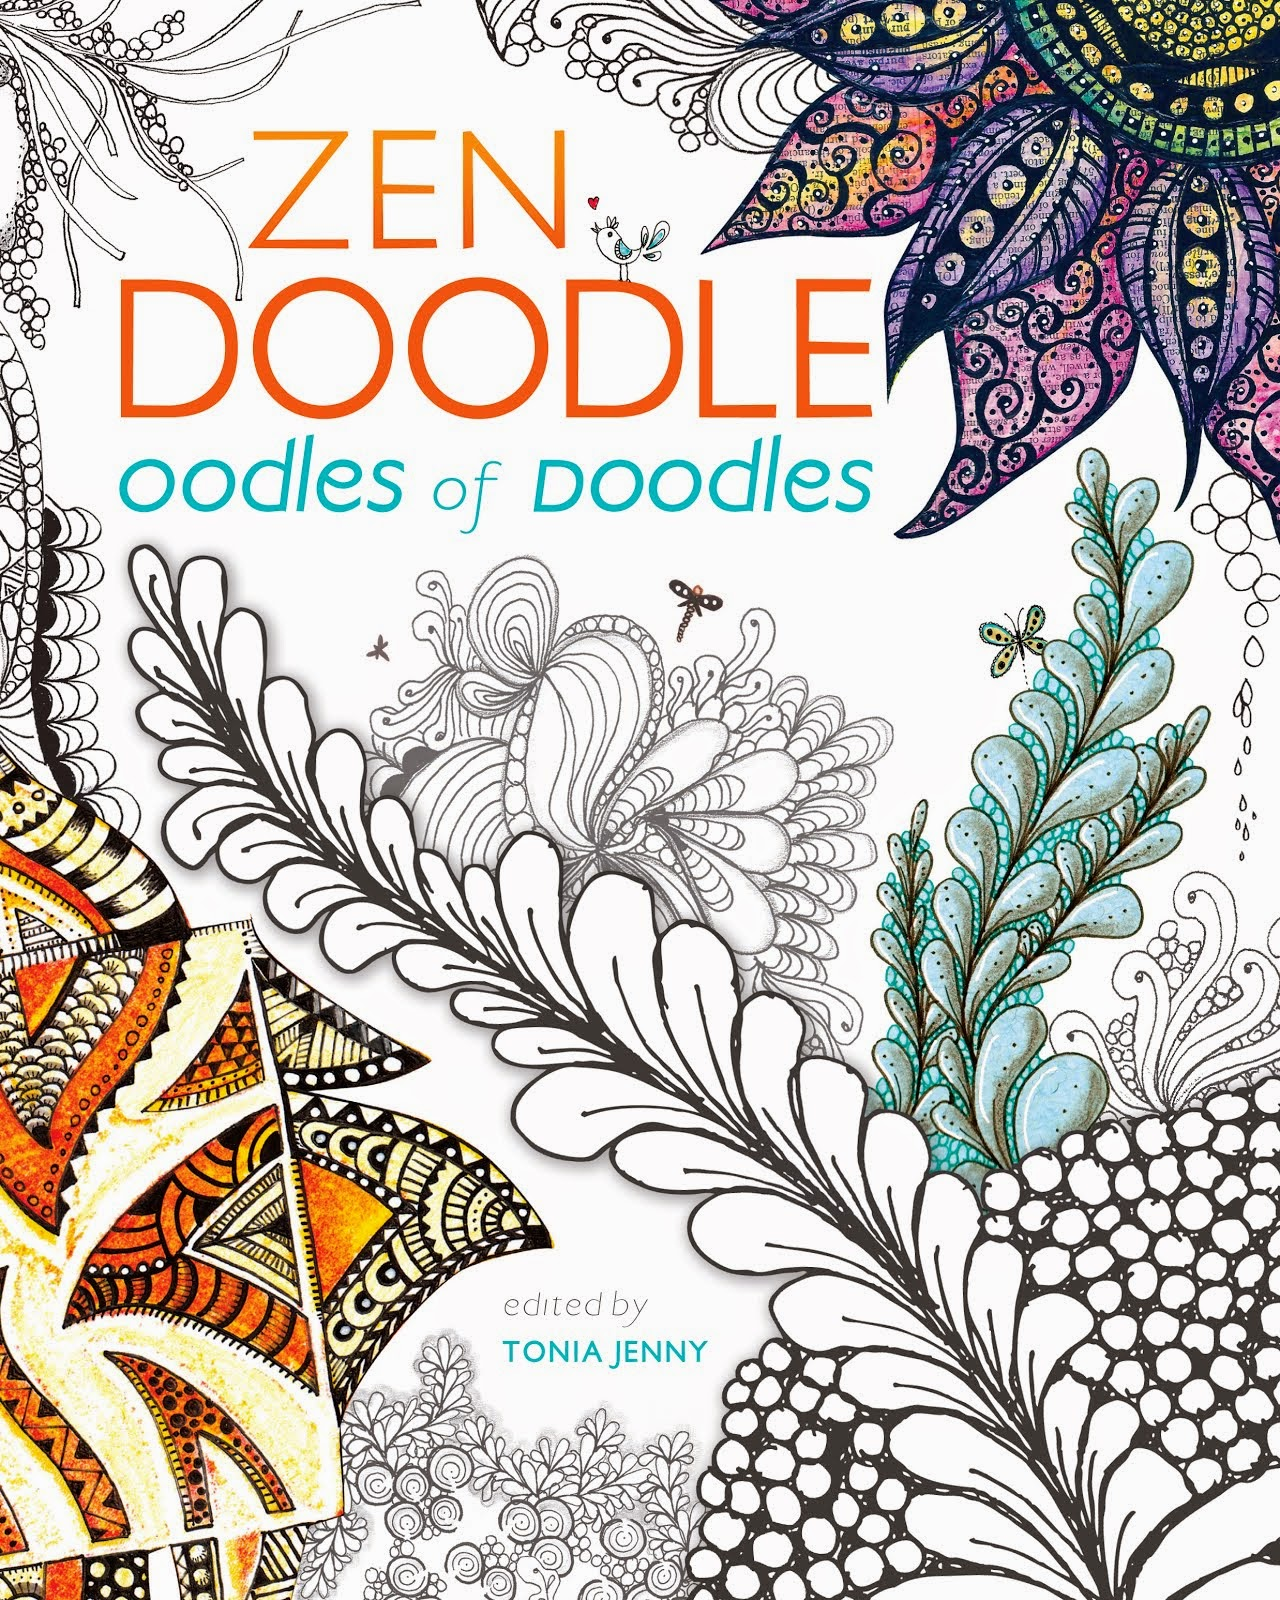 ZEN DOODLE: Oodles of Doodles